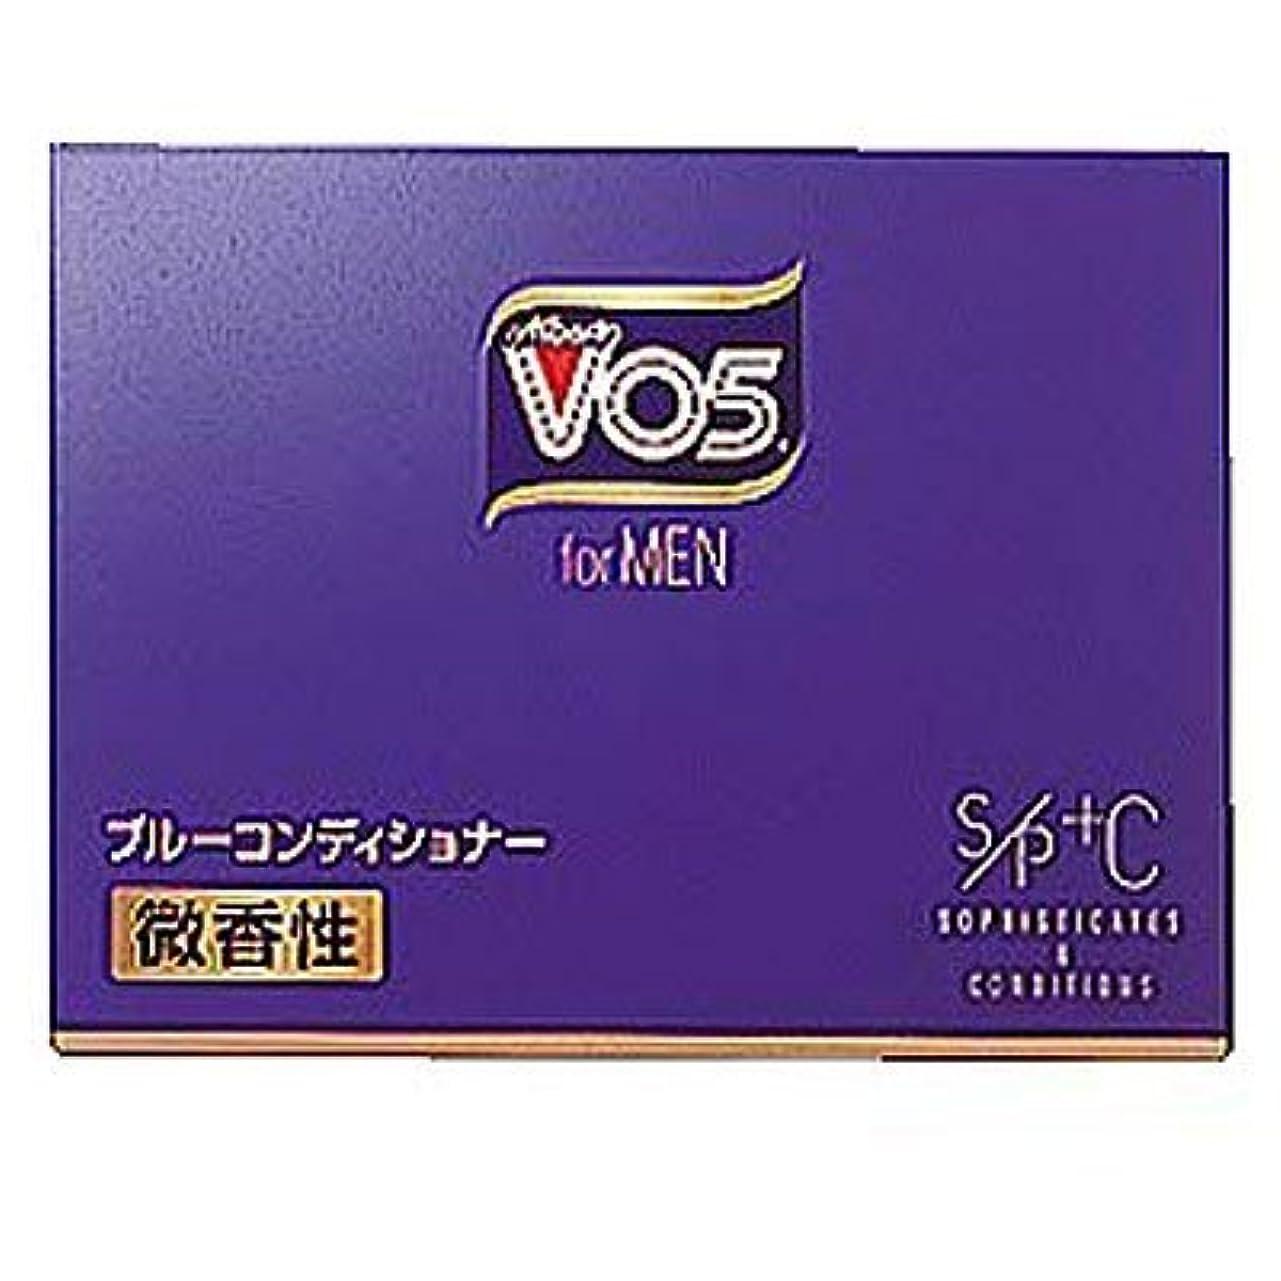 まっすぐにする比べる指定VO5 forMEN ブルーコンディショナー 微香性 85g